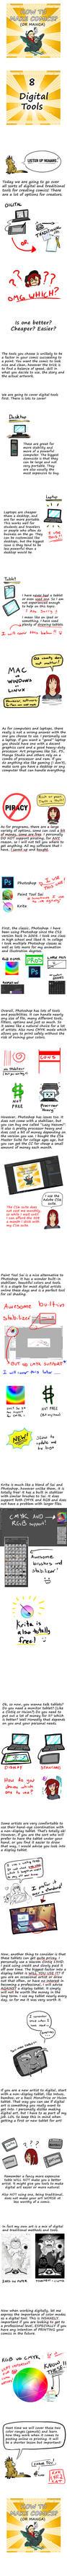 HTMC 8 - Digital Tools by Ahkward